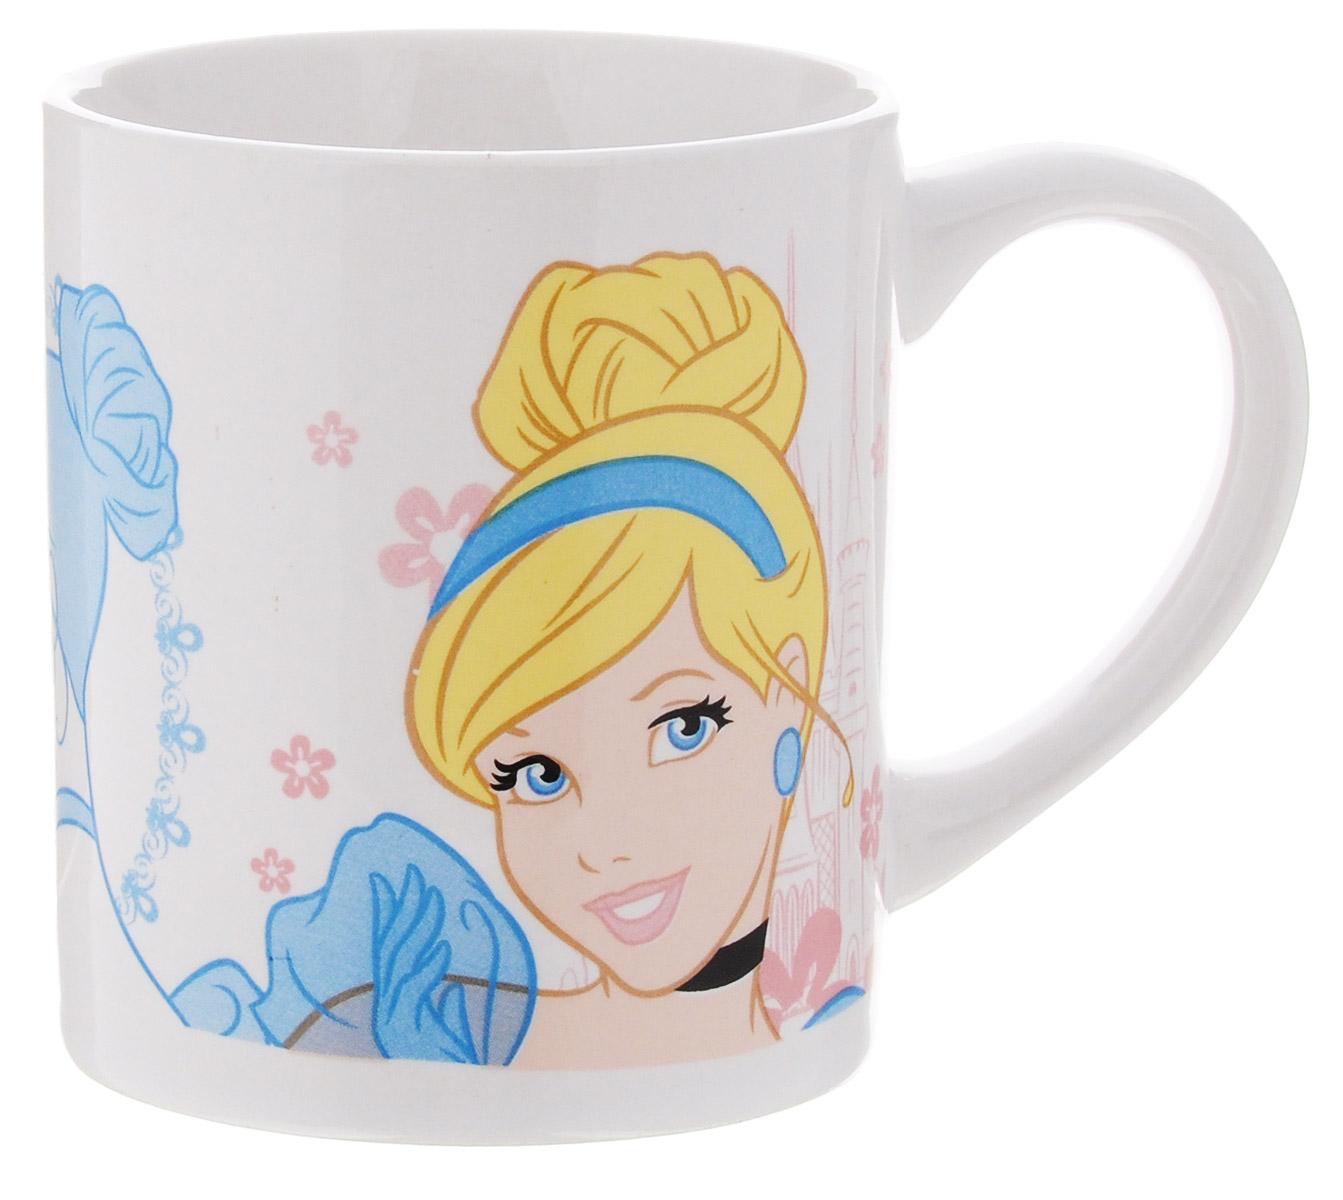 Disney Кружка детская Принцессы 210 мл15003 new_кораллДетская кружка Disney Принцессы с любимыми героями станет отличным подарком для вашего ребенка. Она выполнена из керамики и оформлена изображением диснеевской принцессы. Кружка дополнена удобной ручкой. Такой подарок станет не только приятным, но и практичным сувениром: кружка будет незаменимым атрибутом чаепития, а оригинальное оформление кружки добавит ярких эмоций и хорошего настроения.Можно использовать в СВЧ-печи и посудомоечной машине.